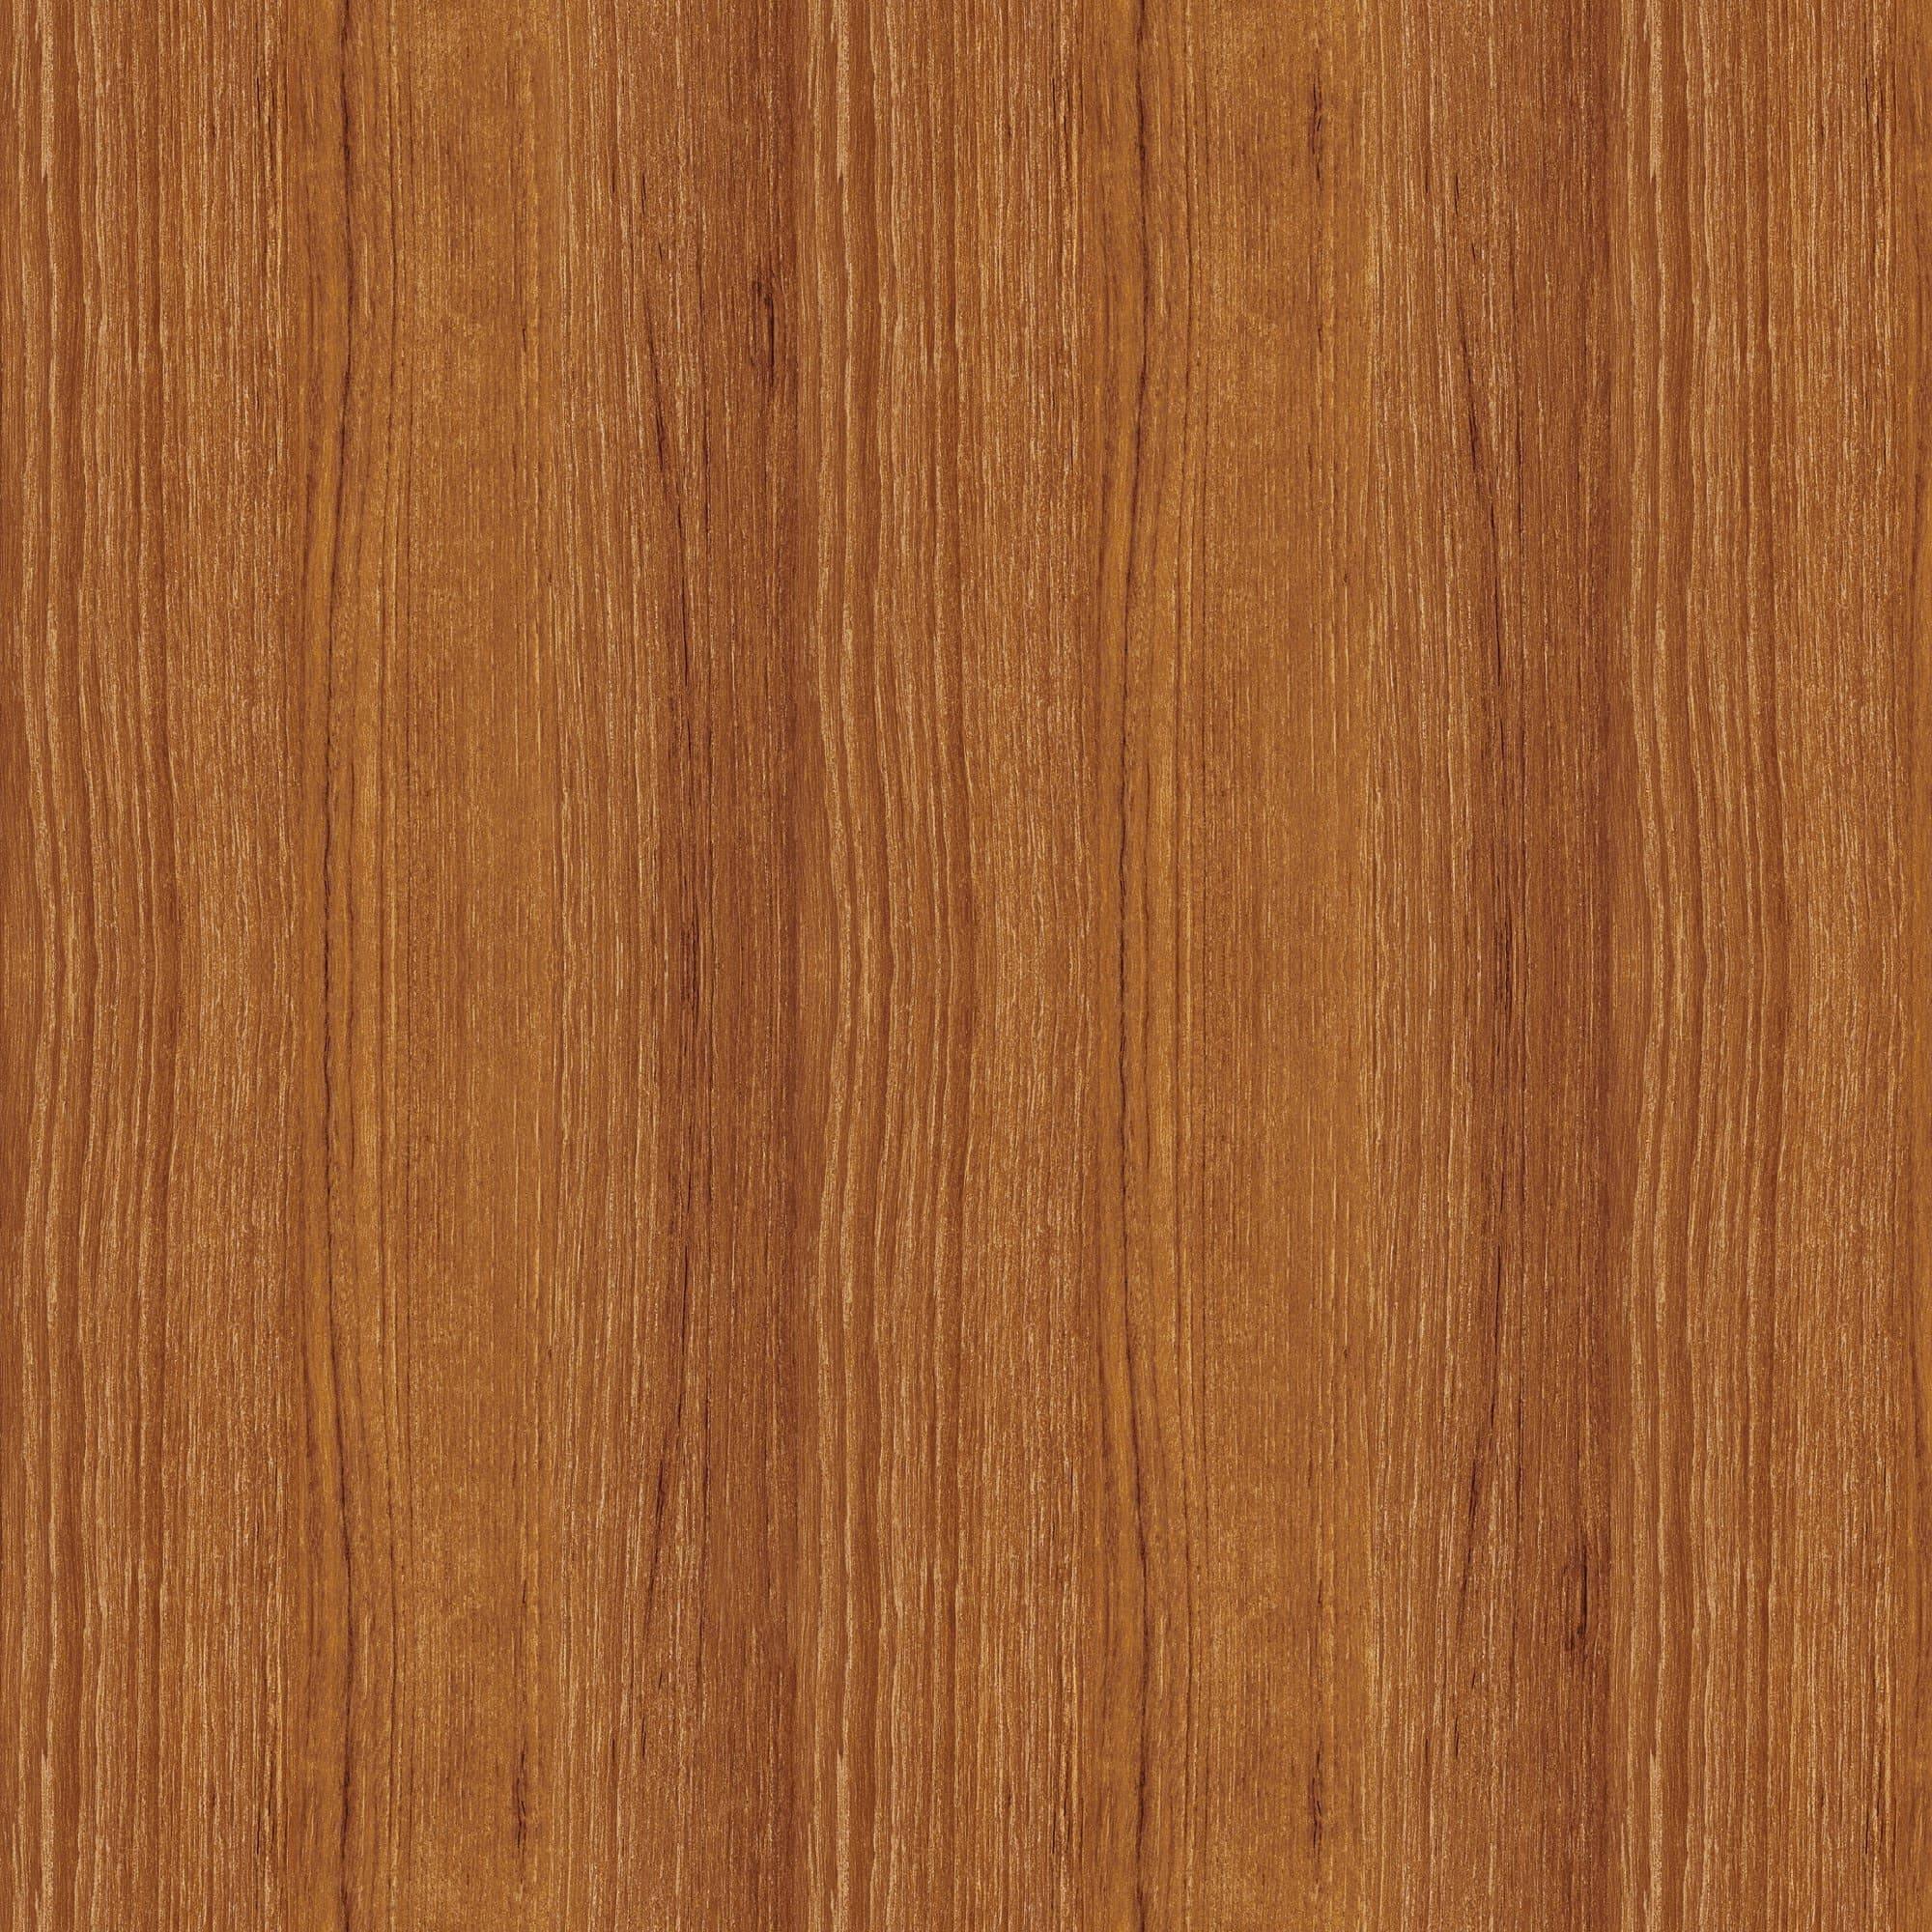 Имидж Мастер, Стойка администратора ресепшн Гавана (17 цветов) Дерево имидж мастер стойка администратора ресепшн гавана 17 цветов венге столешница беленый дуб